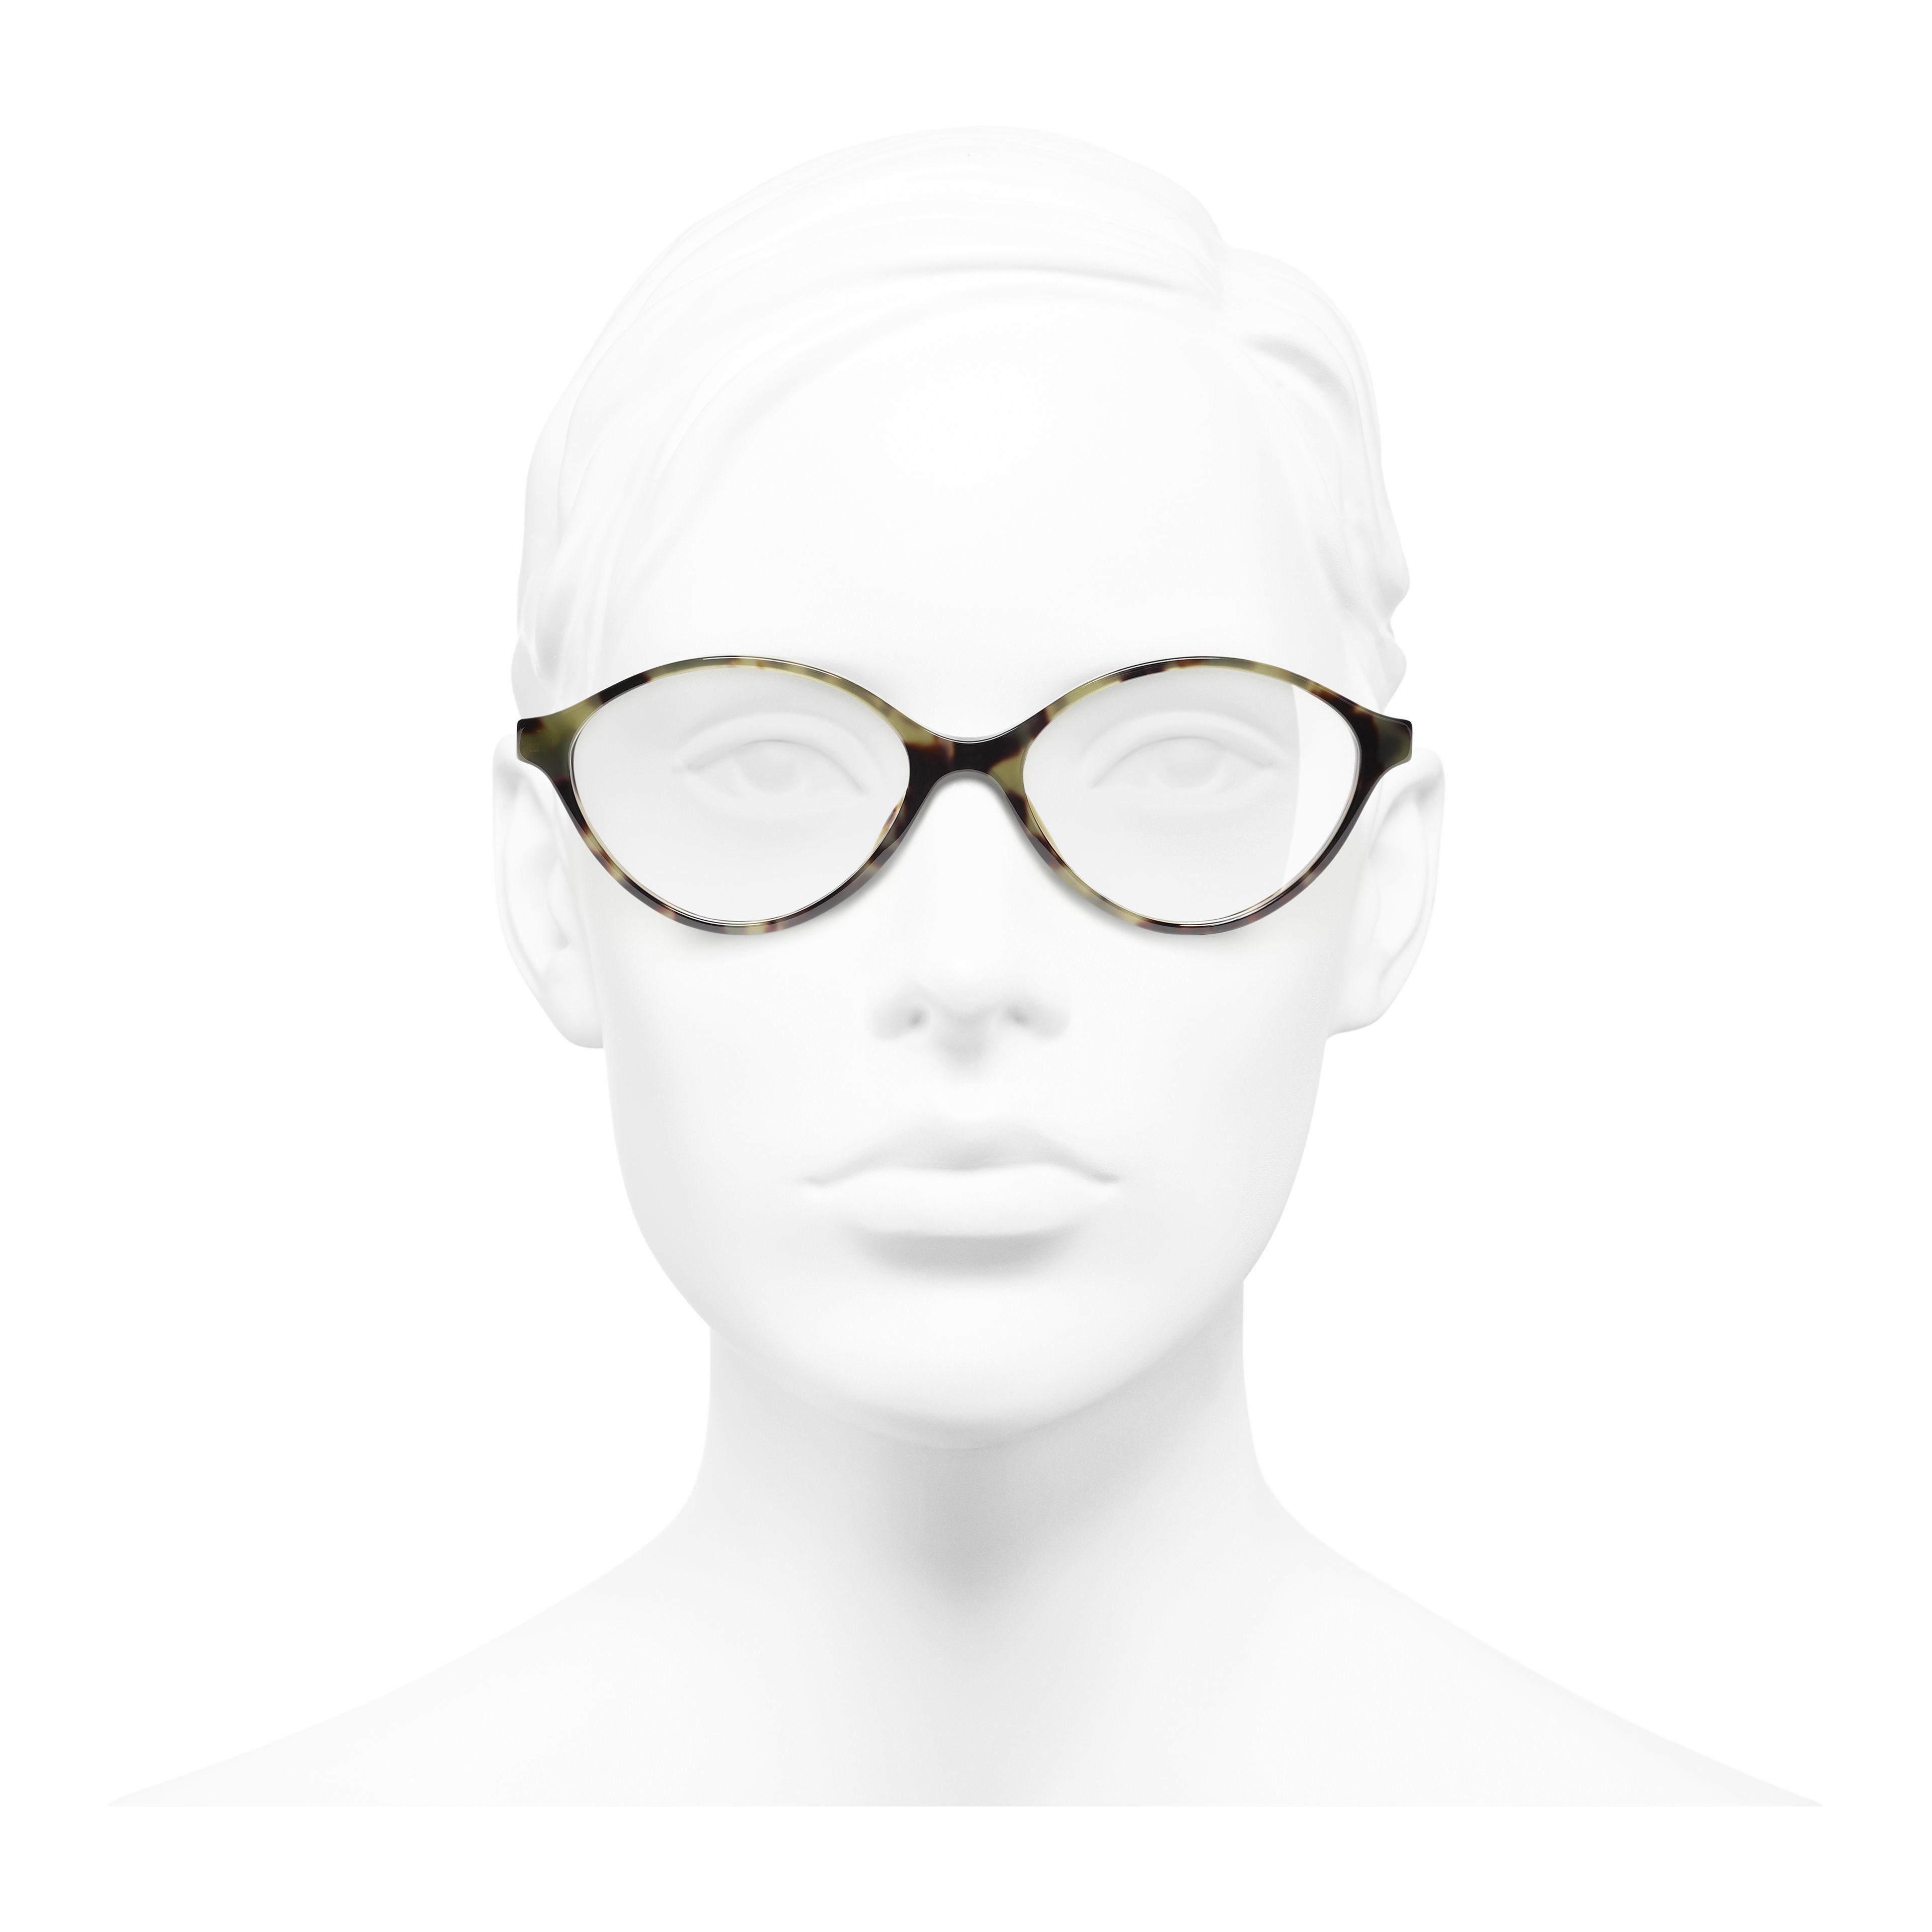 橢圓形眼鏡 - 綠玳瑁 - 高級樹脂 - 配戴時的正面視圖 - 查看全尺寸版本